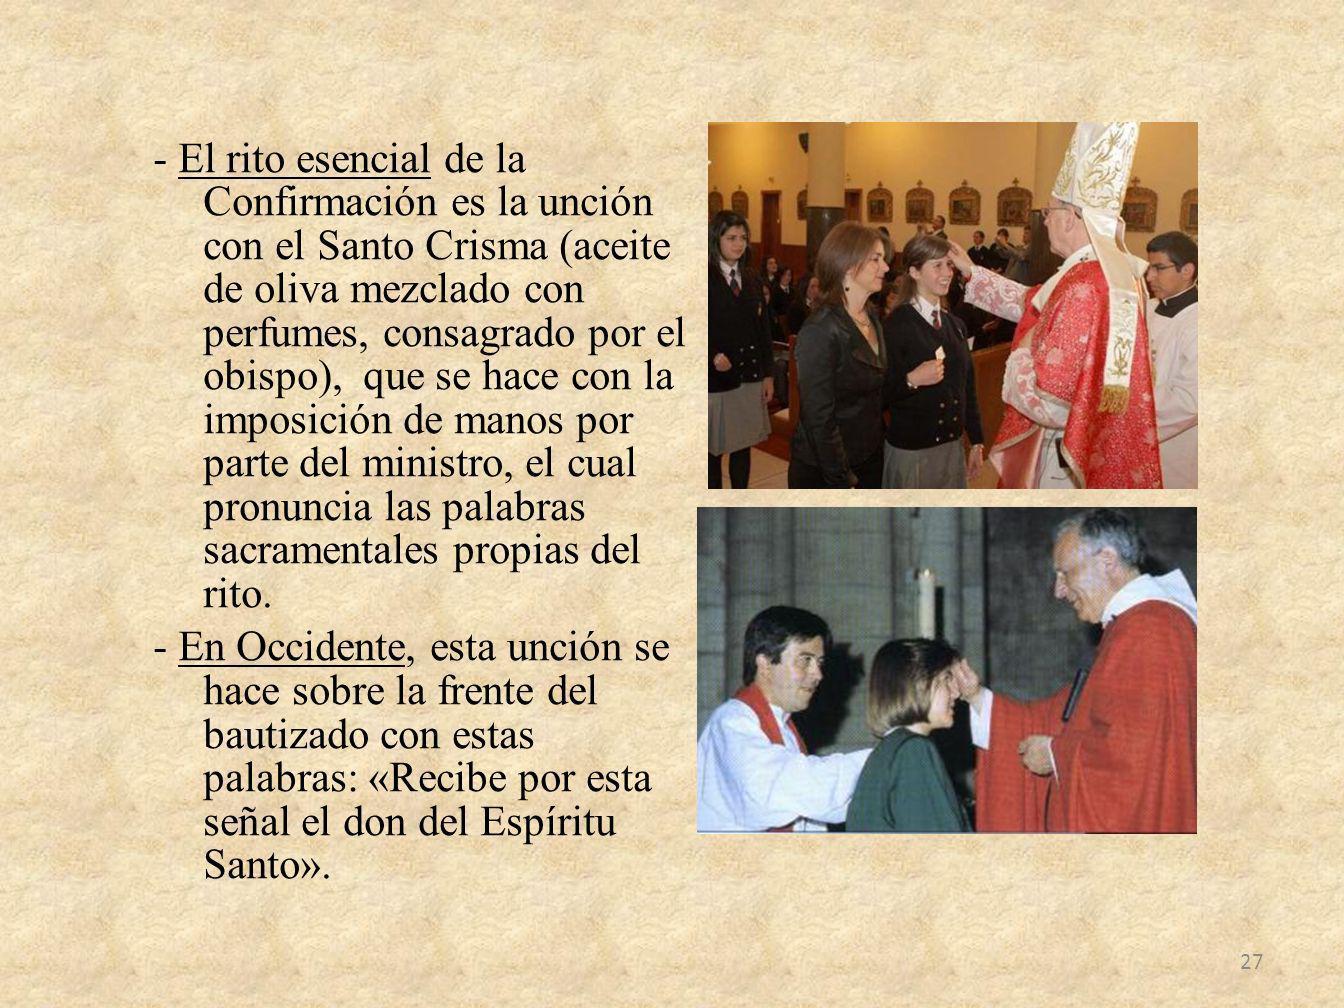 - El rito esencial de la Confirmación es la unción con el Santo Crisma (aceite de oliva mezclado con perfumes, consagrado por el obispo), que se hace